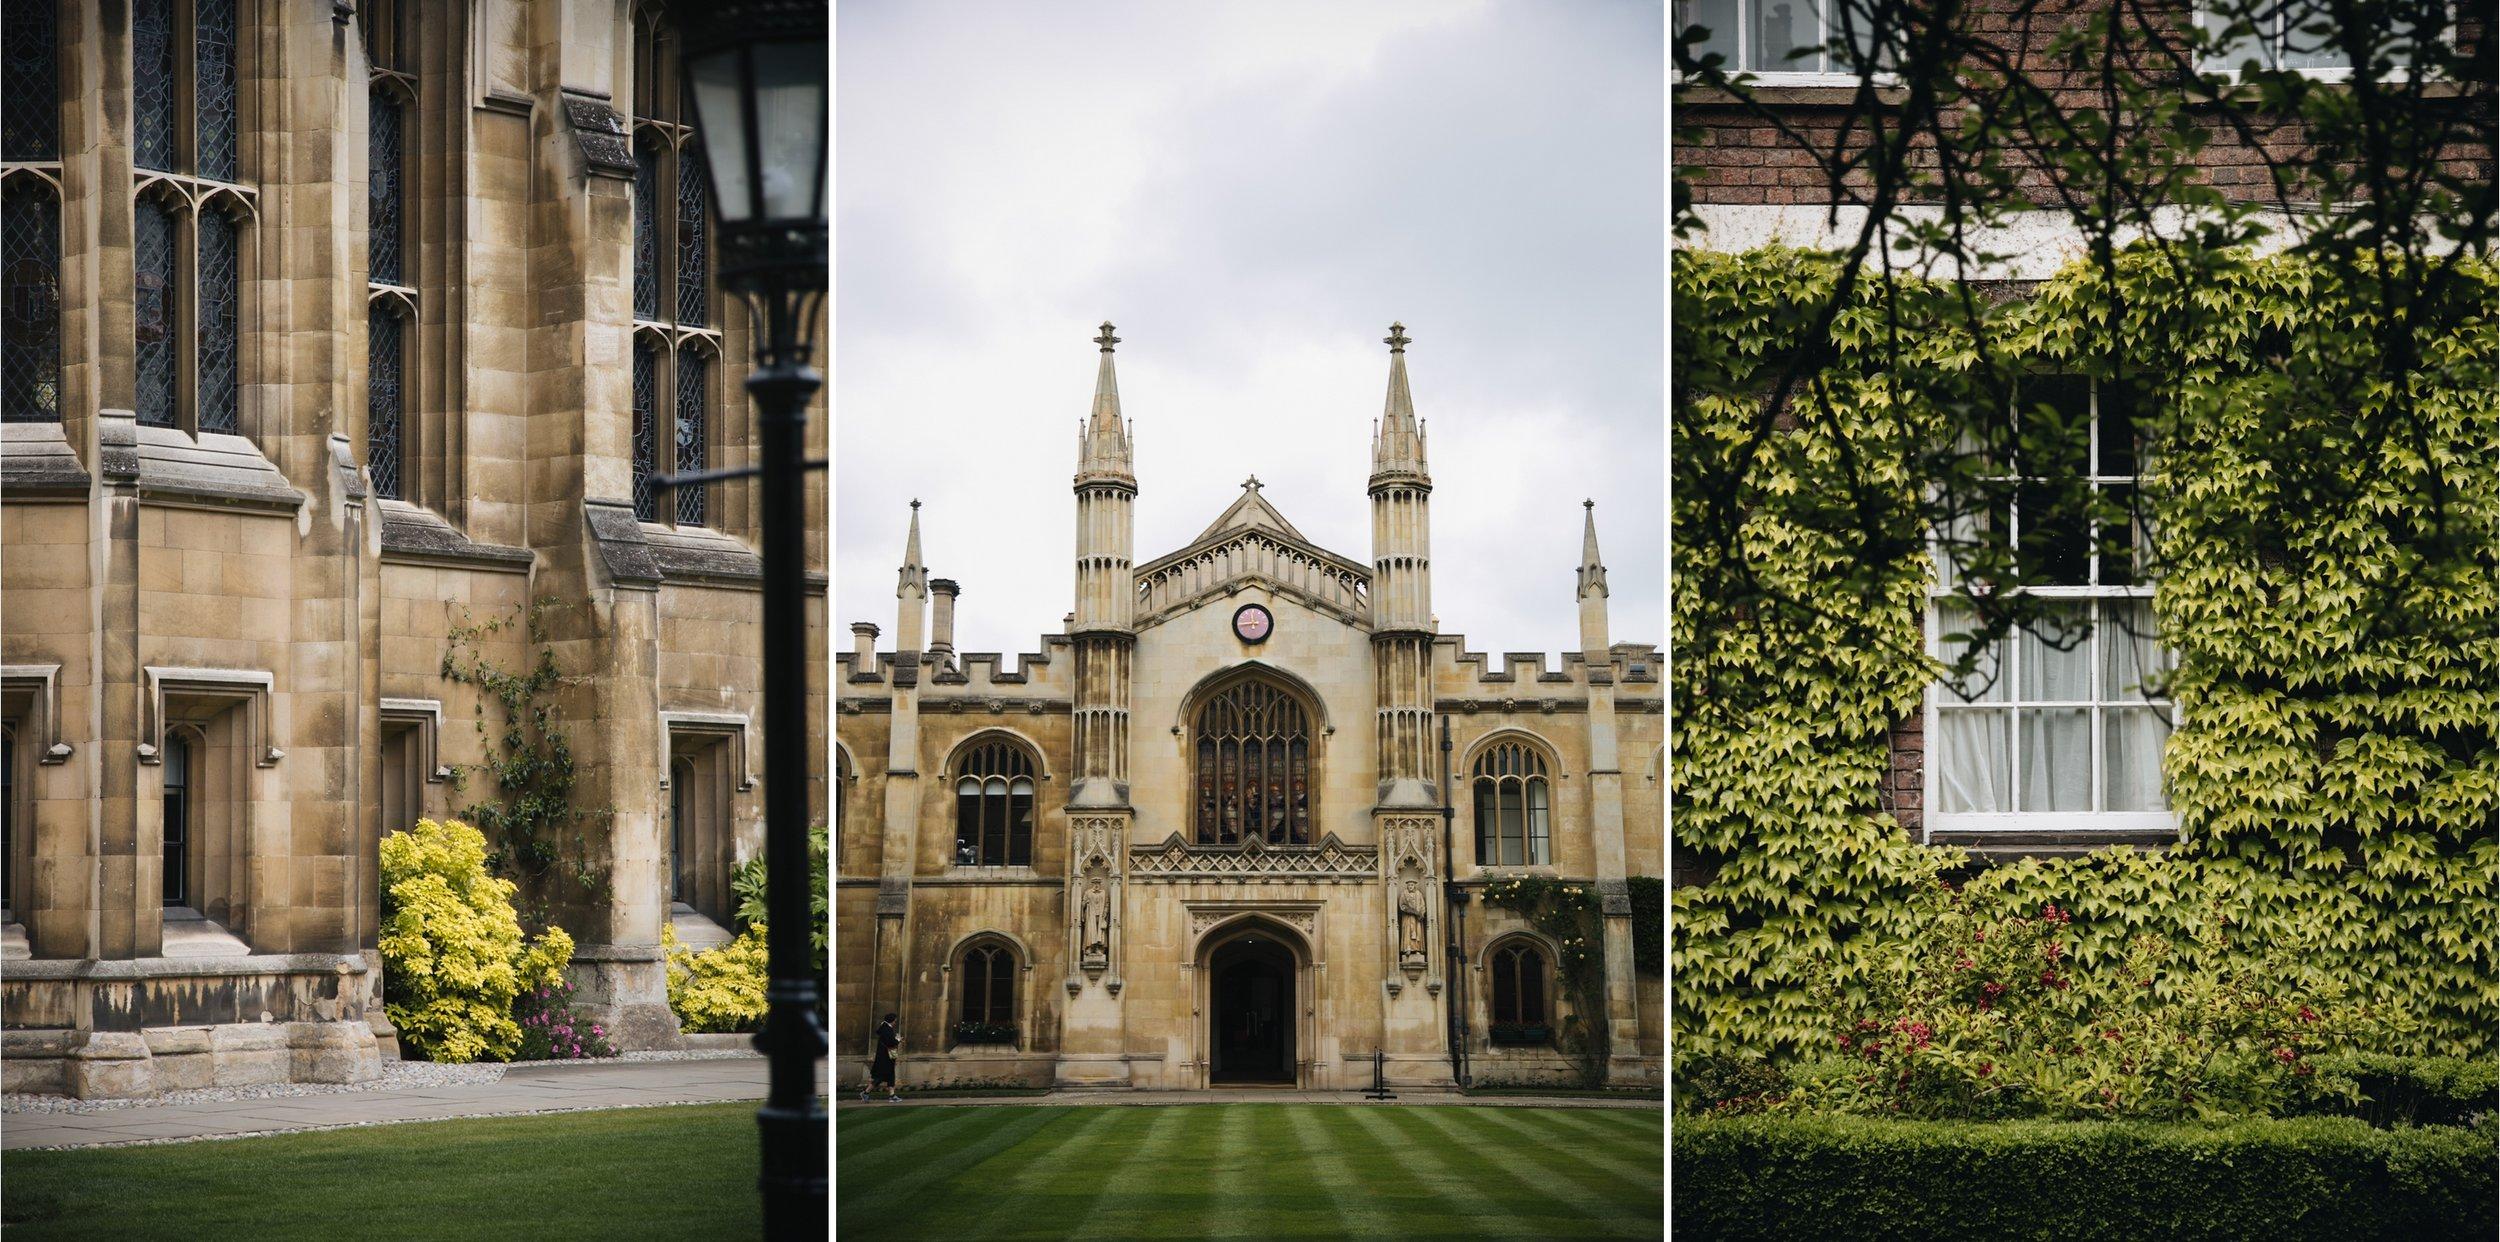 colleges-cambridge-corpus-christi.jpg